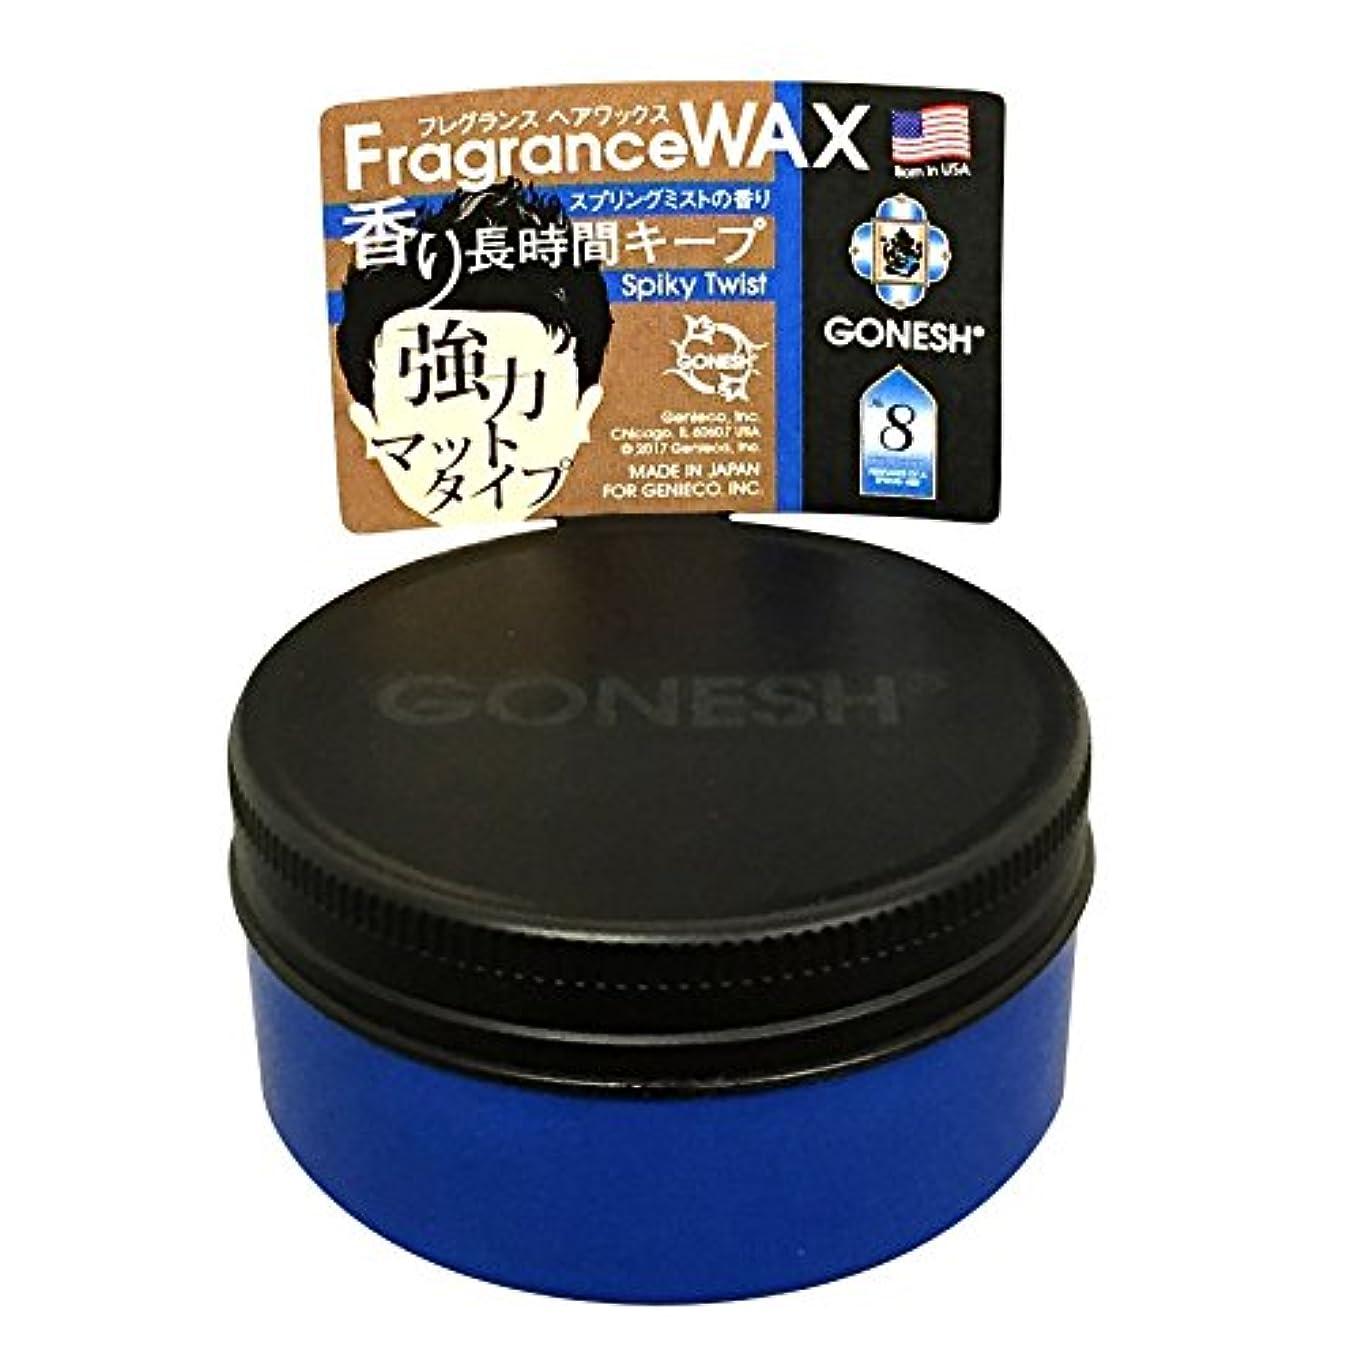 楽観的暴露する厚さGONESH フレグランスヘアワックス(スタイリング剤) NO.8 強力マットタイプ 60g